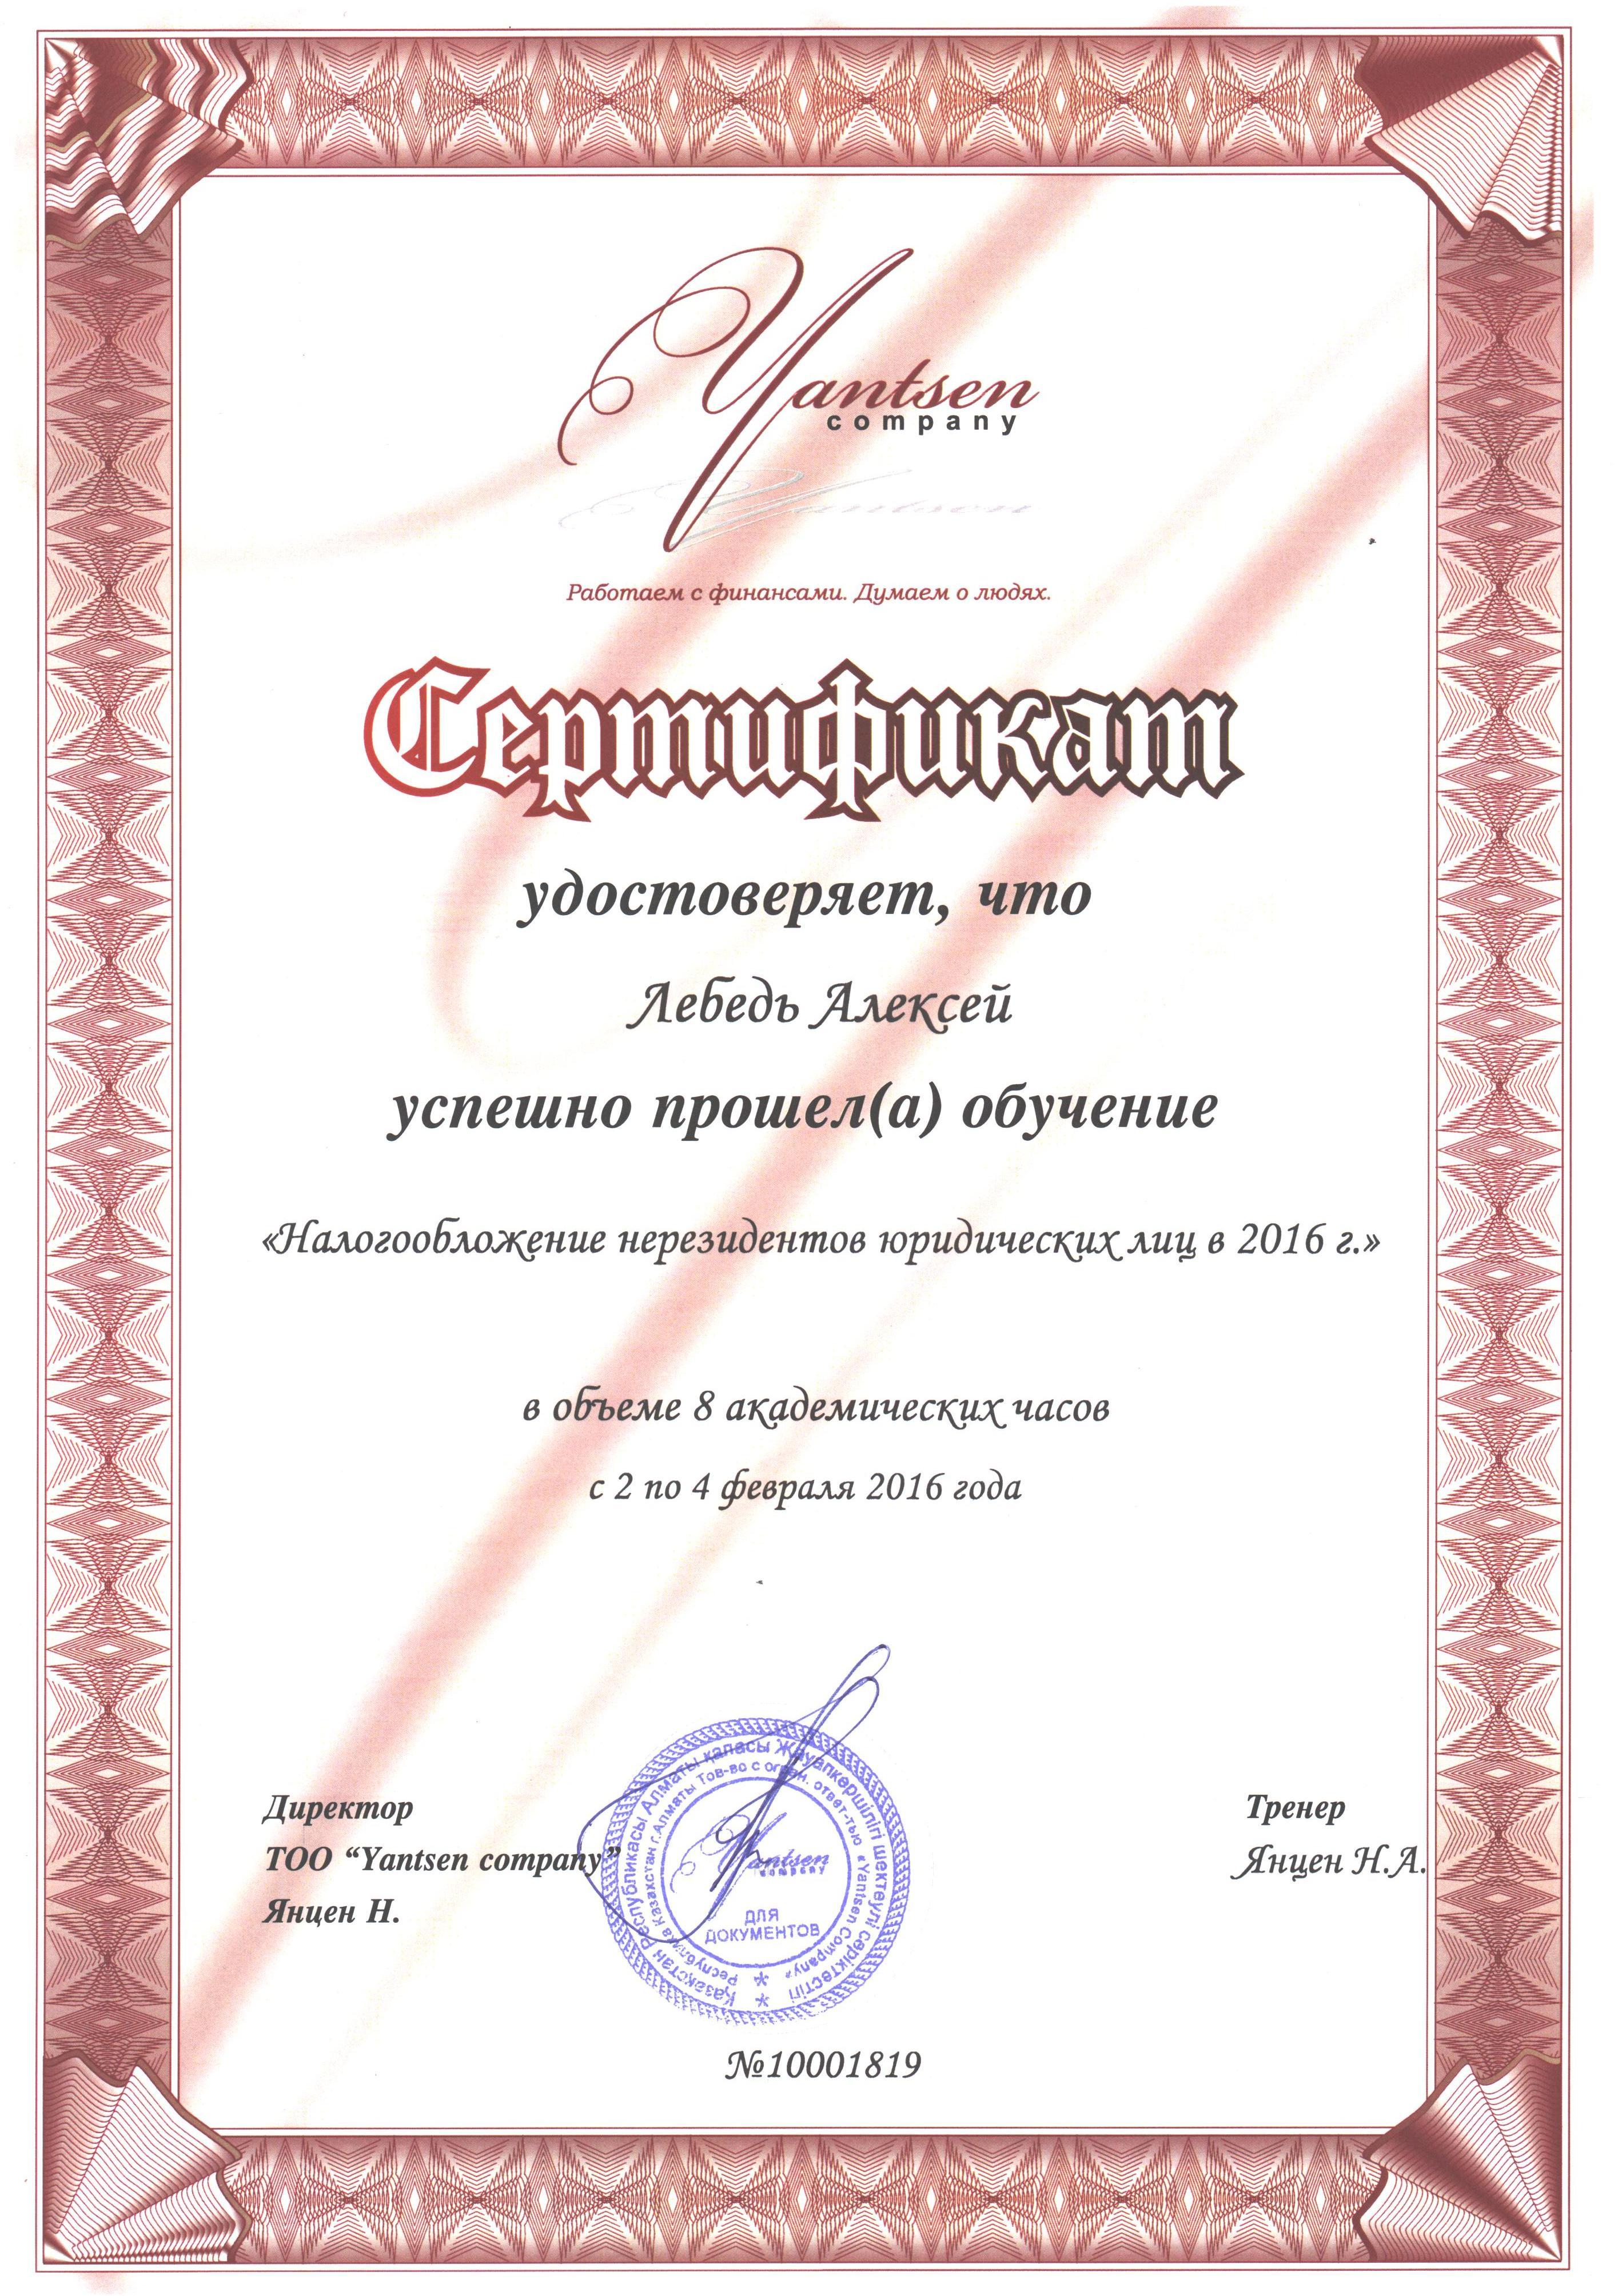 Сертификат Алексея Лебедь Налогообложение нерезидентов юридических лиц в 2016 году